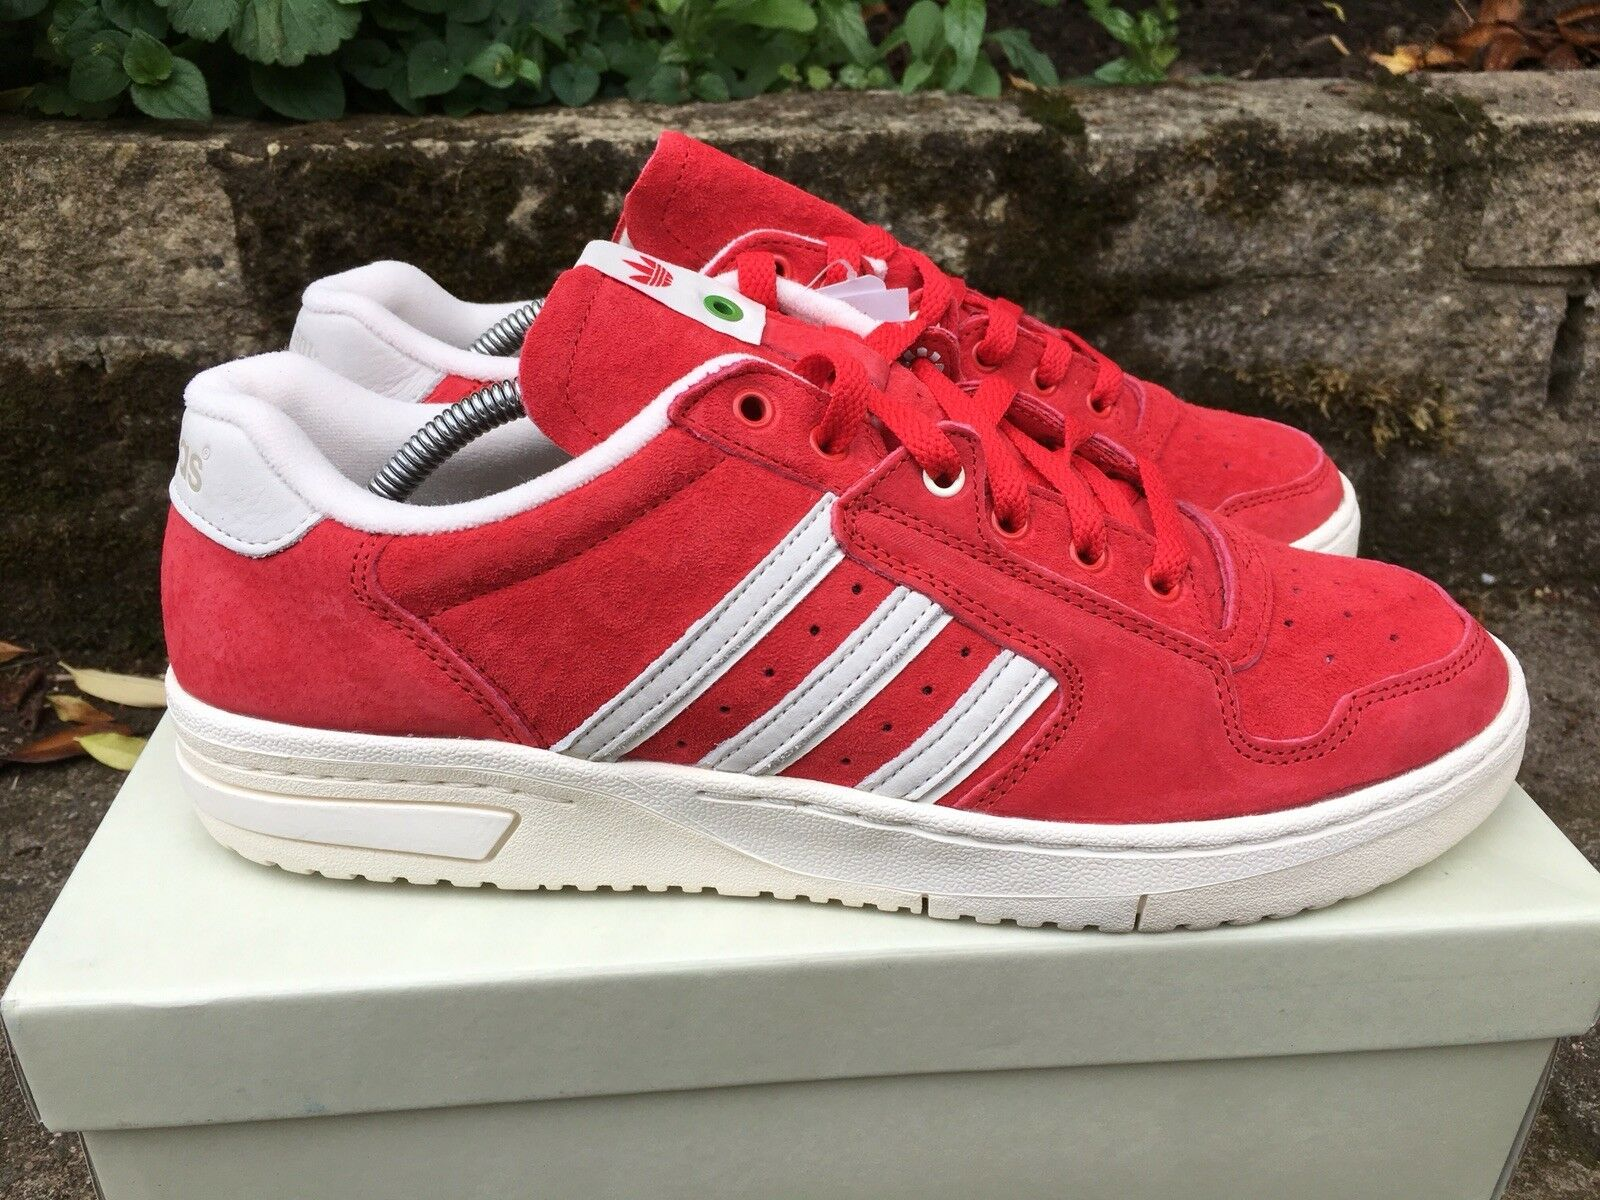 Adidas Edberg 86 Consortium X Footpatrol Footpatrol Footpatrol 1 390, strawberrys & Cream, nuovo con scatola, Taglia 10, a86a70